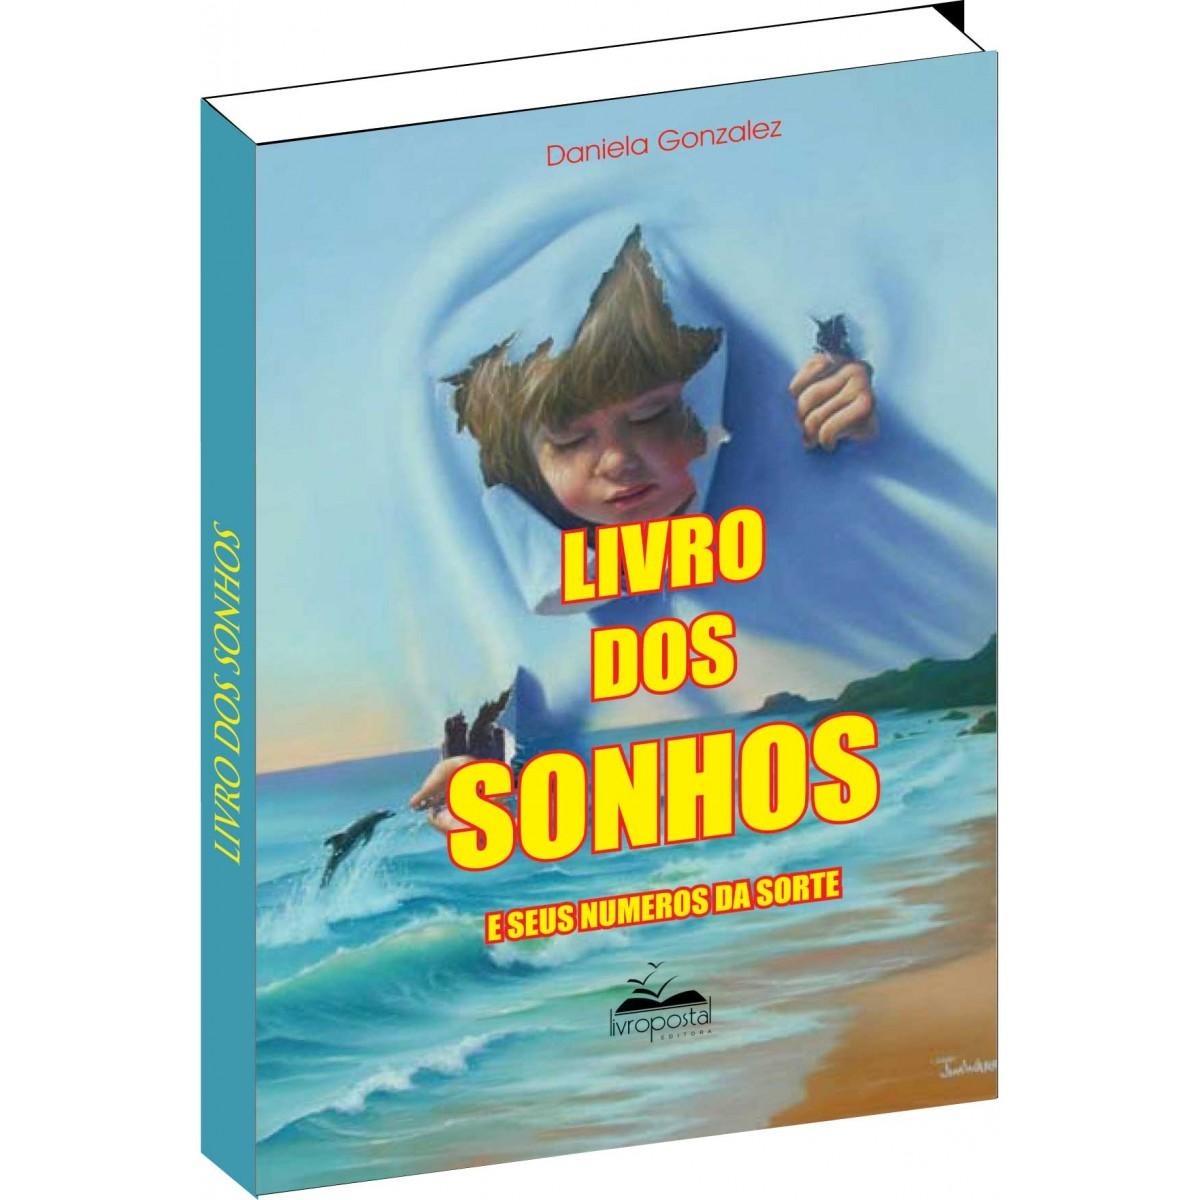 Livro dos sonhos e seus números da sorte  - Livropostal Editora